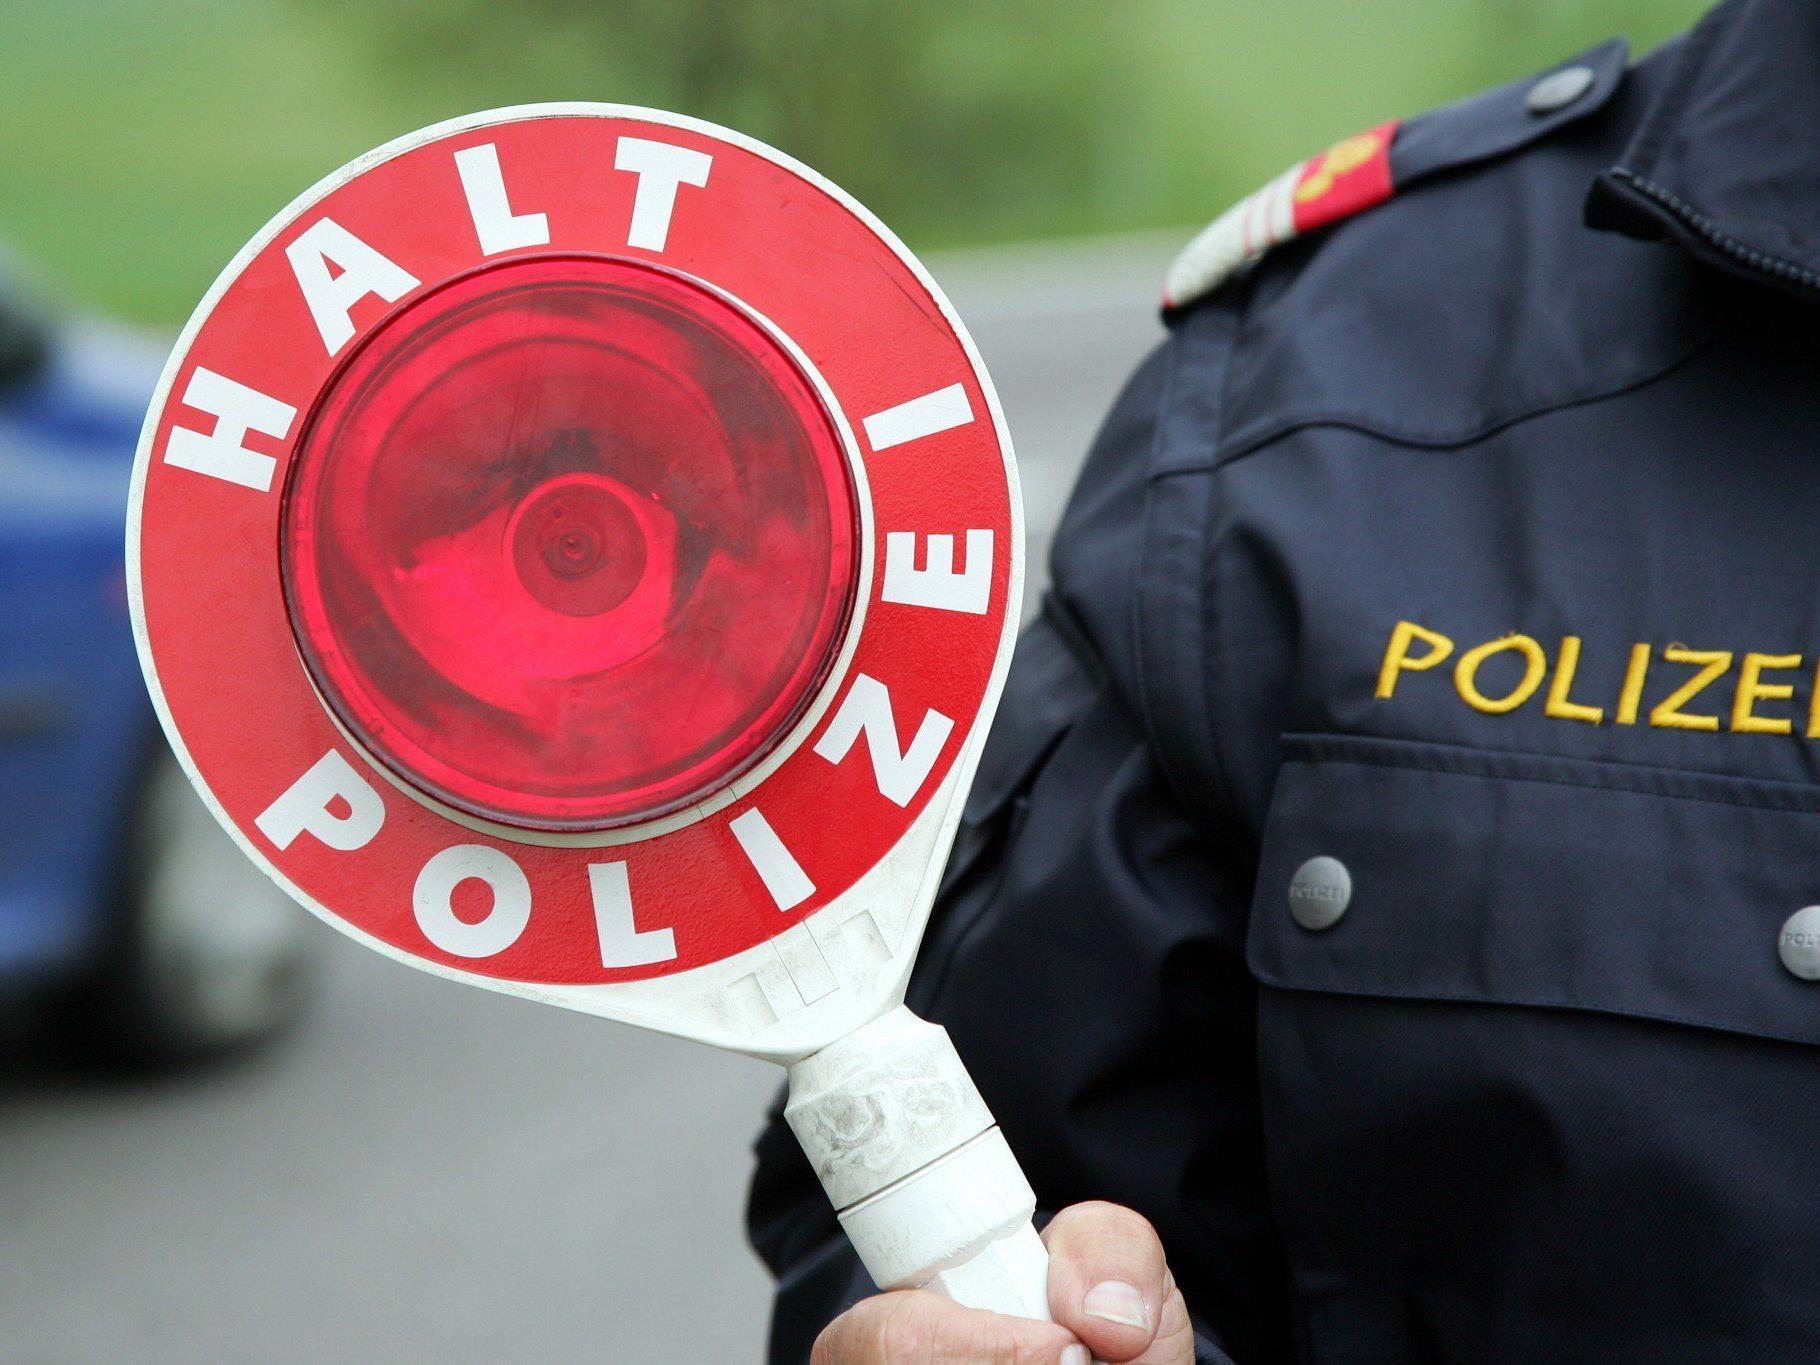 Die Polizei sucht nach einem Pkw-Lenker mit weißem Vollbart.